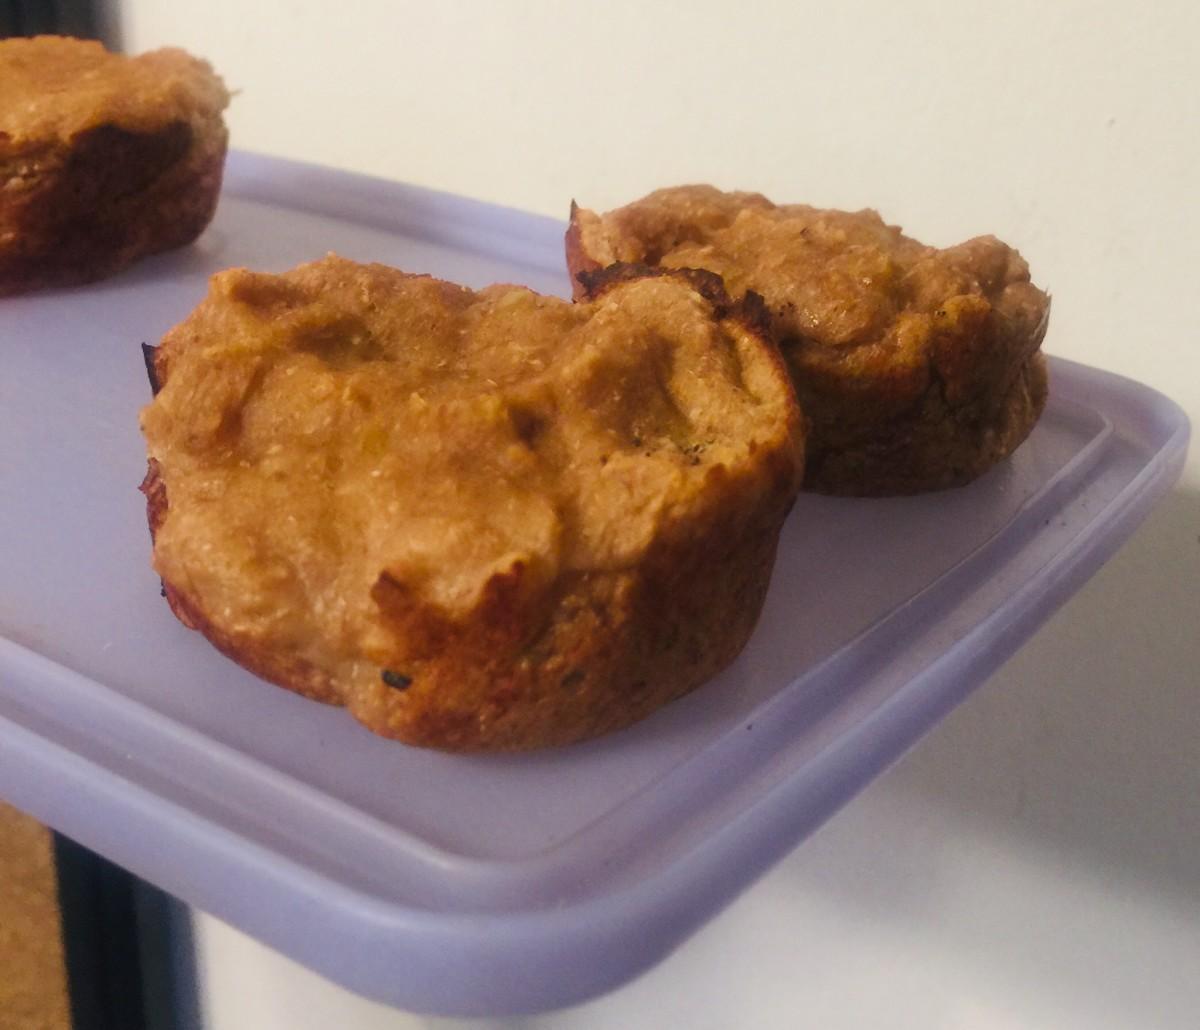 How to Make Vegan Apple Banana Muffins